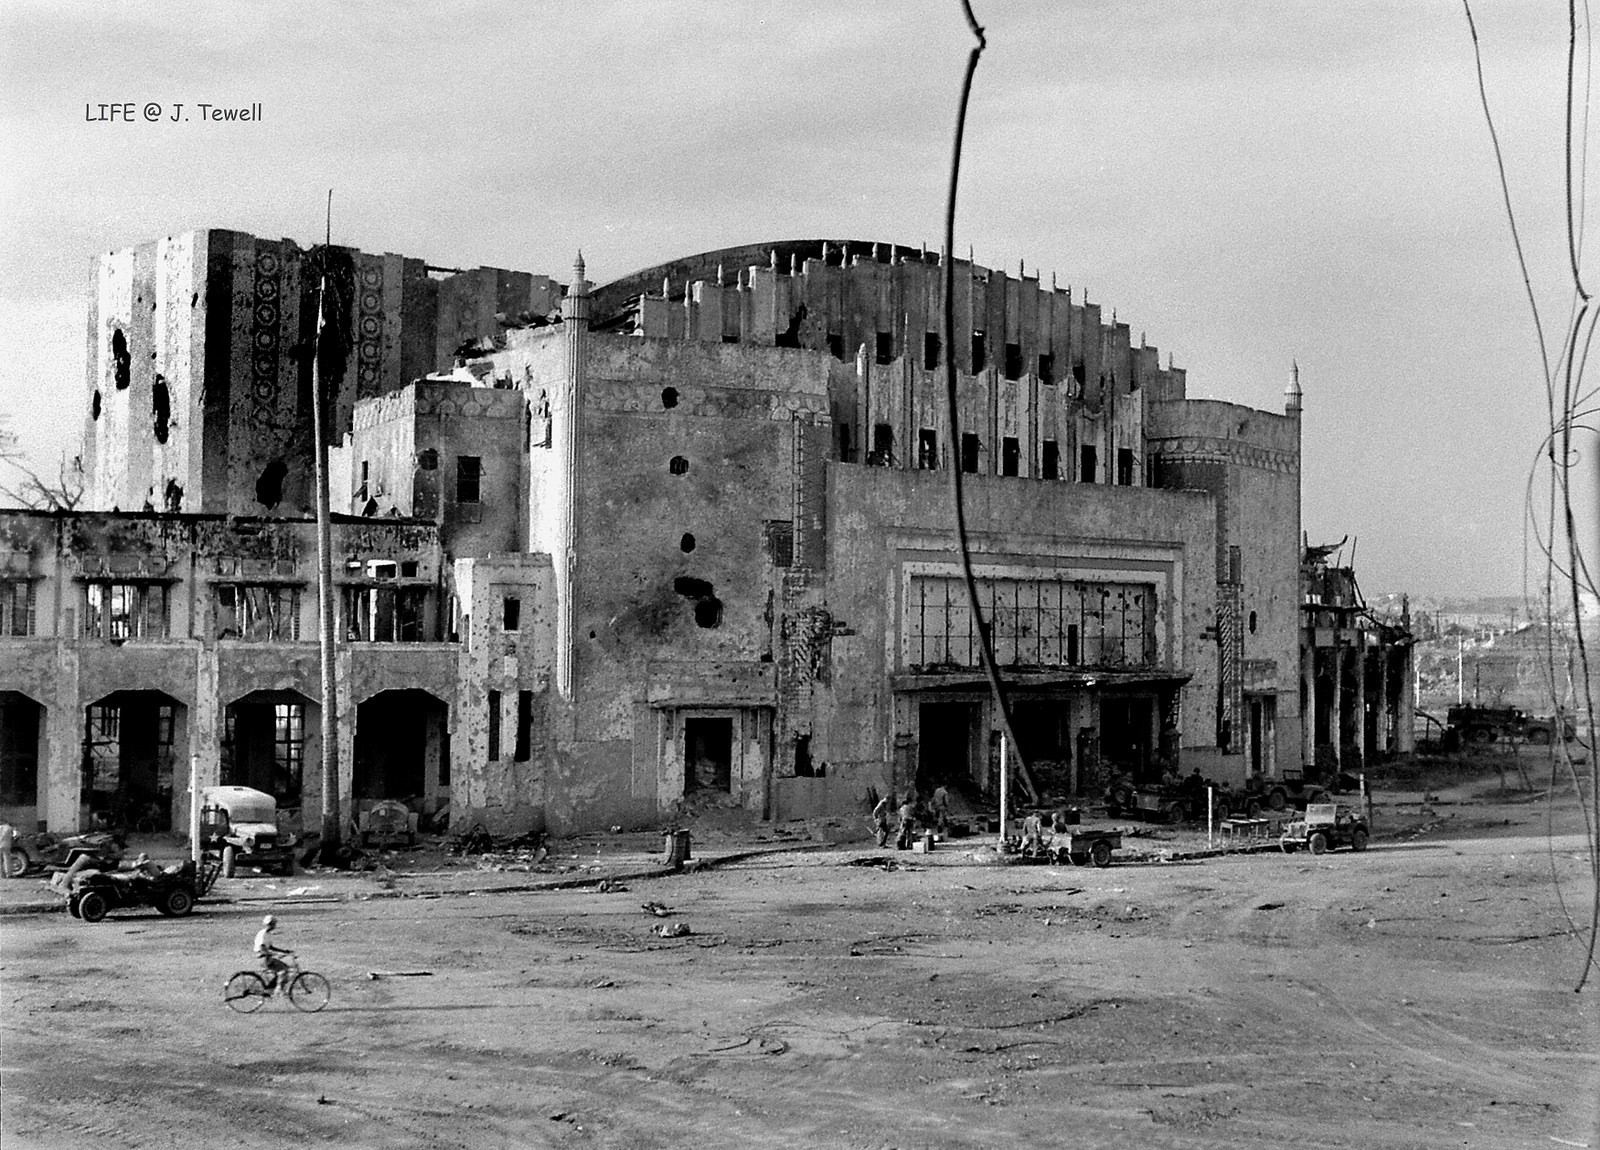 Chùm ảnh: Thành phố Manila trước và sau Thế chiến II